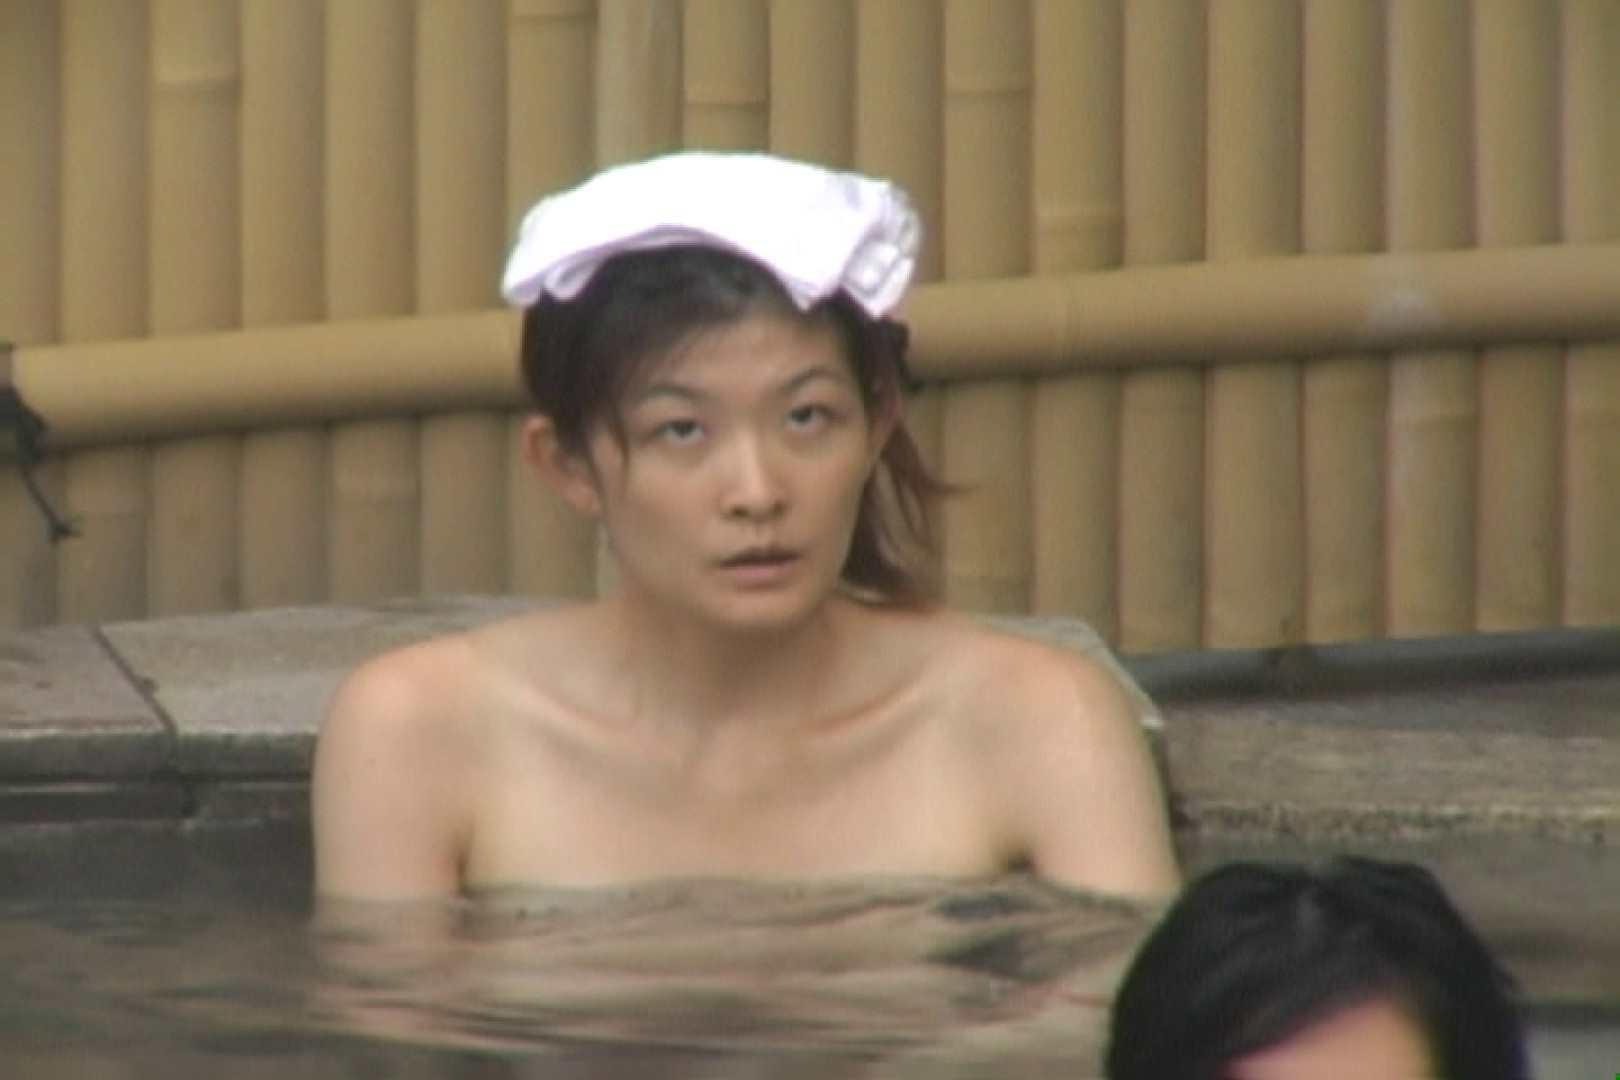 Aquaな露天風呂Vol.611 露天風呂 | 盗撮動画  9枚 5